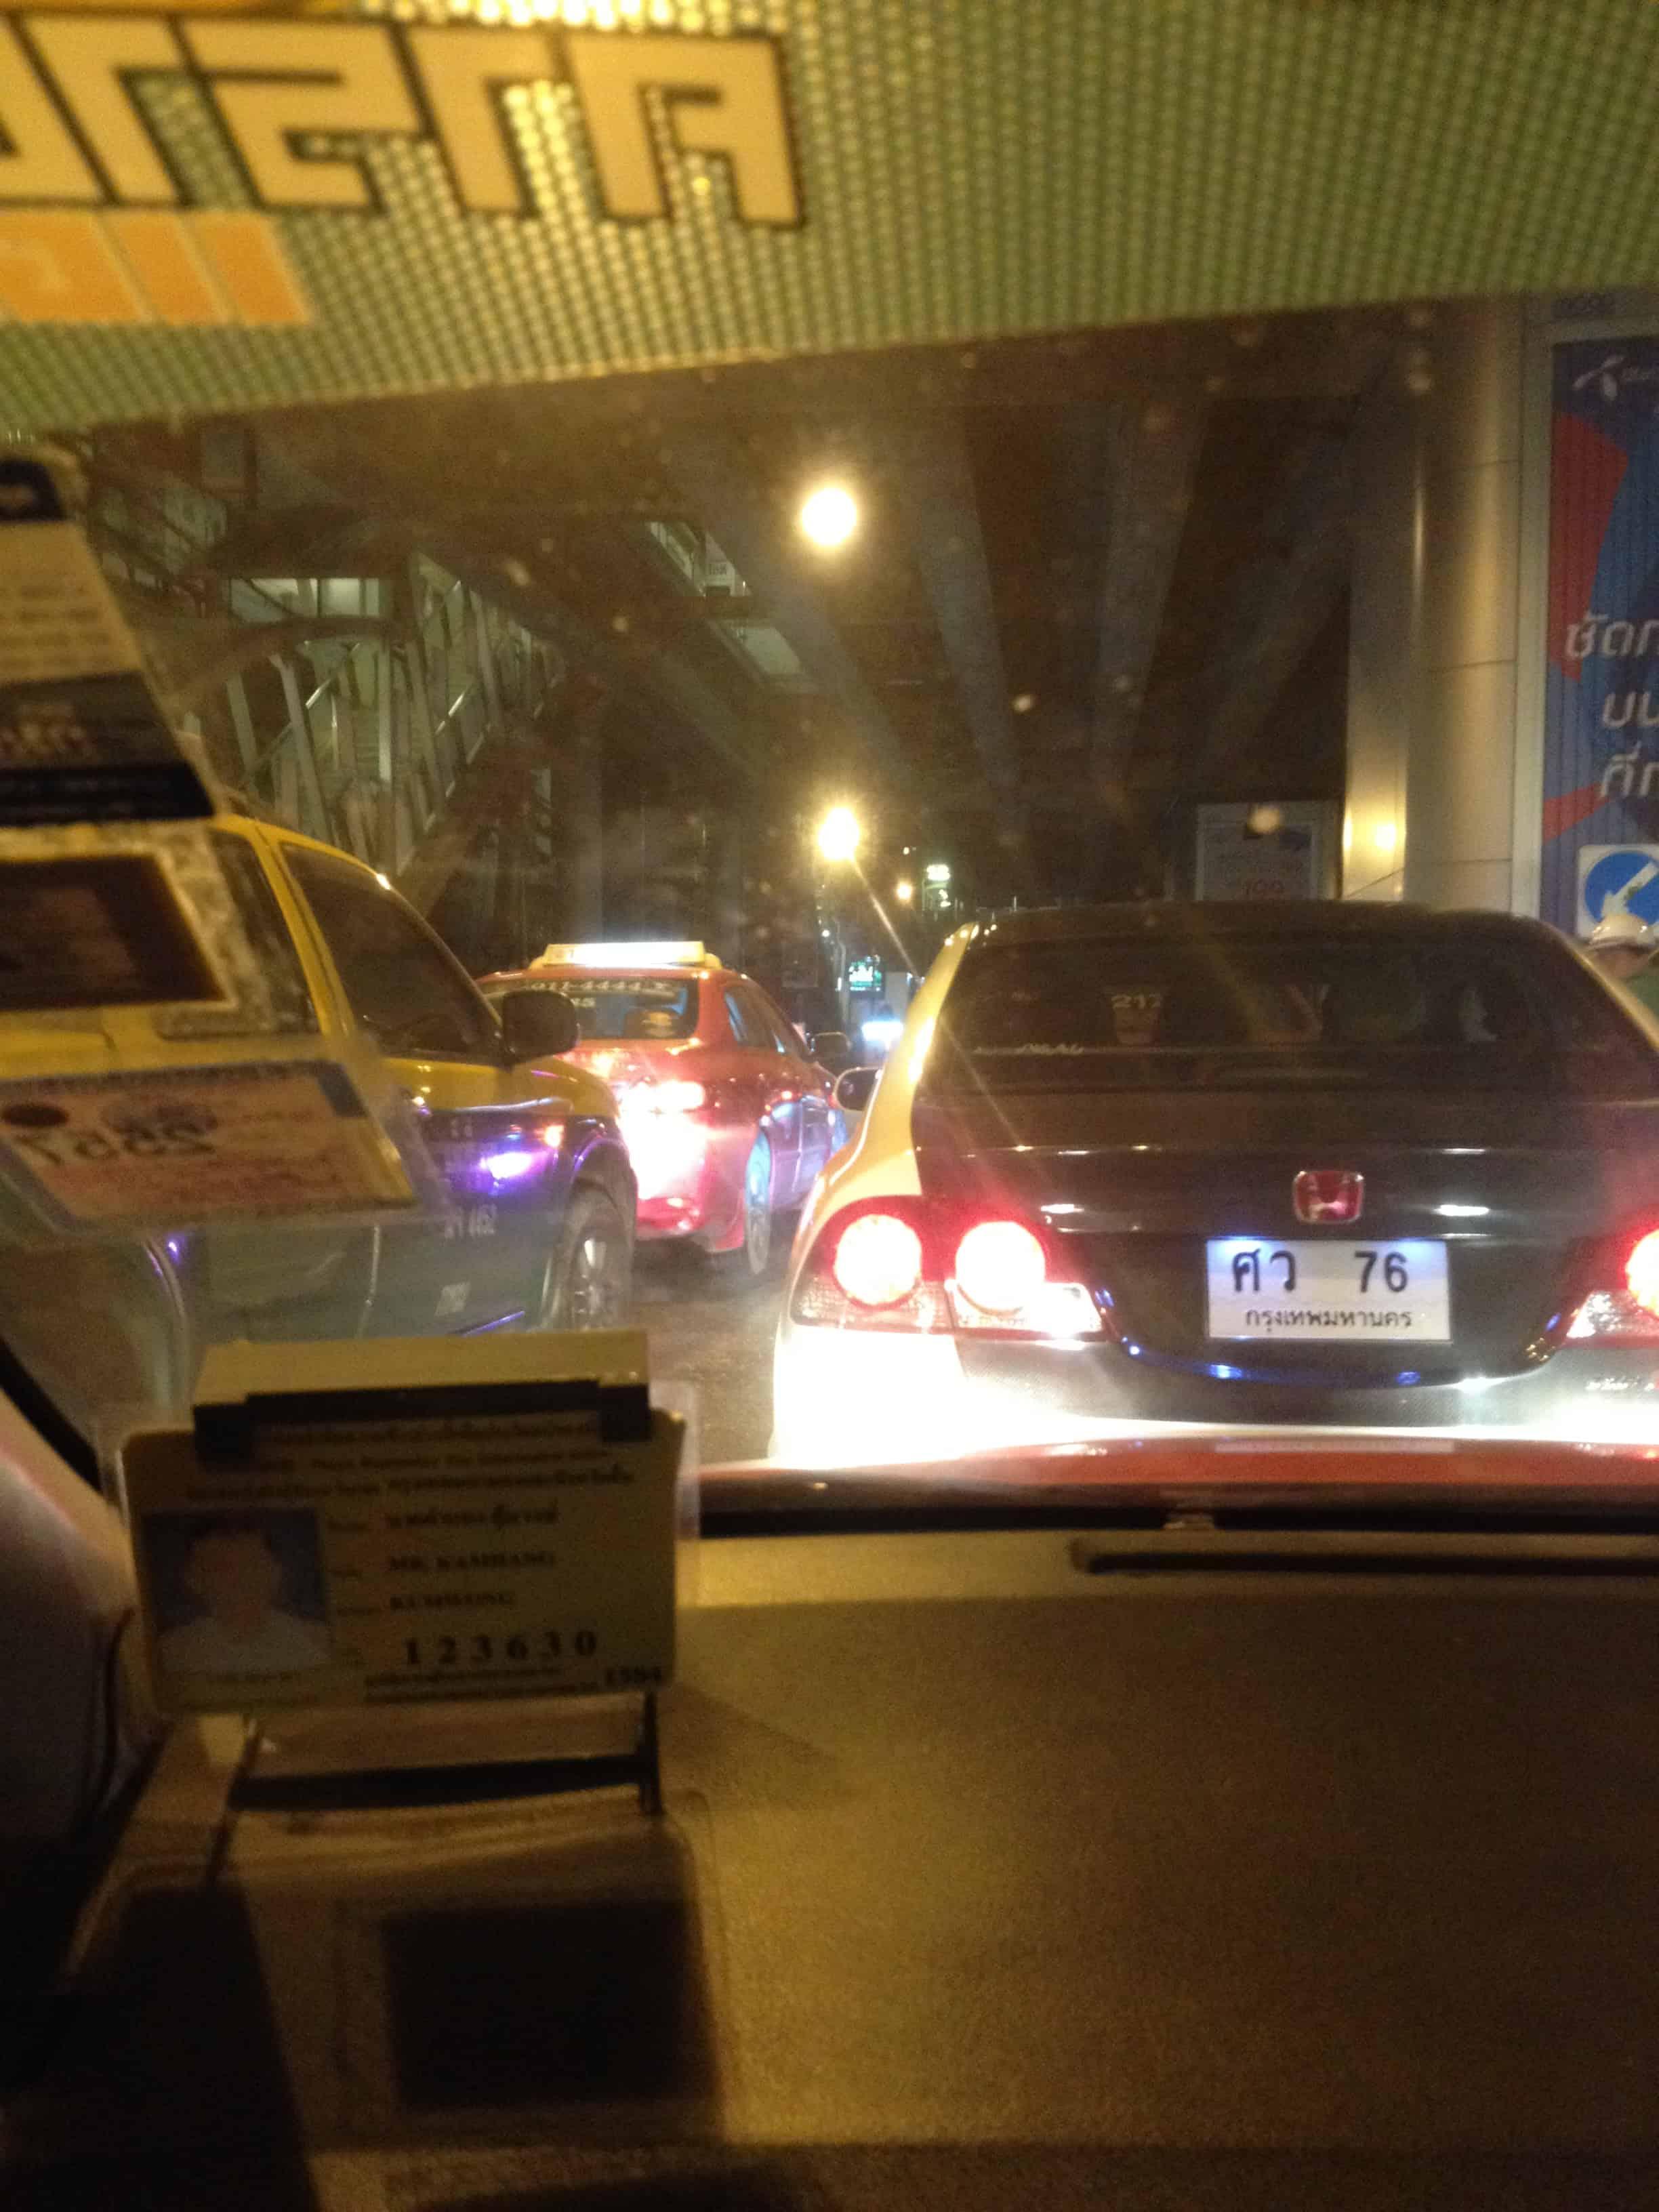 inside a Bangkok taxi